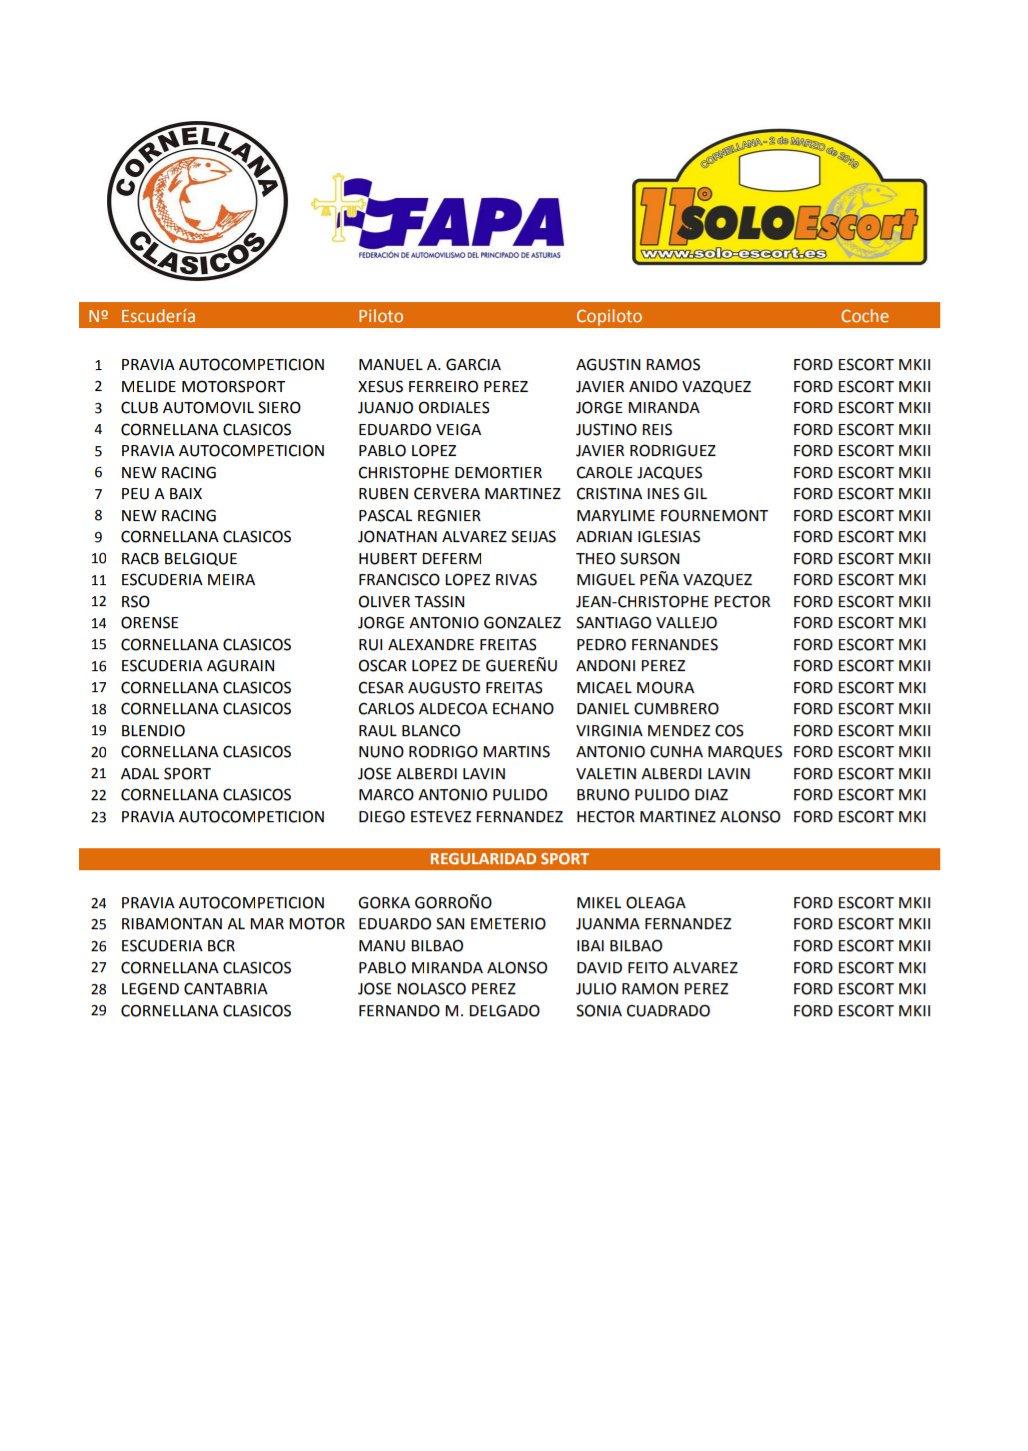 Campeonatos Regionales 2019: Información y novedades - Página 5 D0hTRyjW0AACwpu